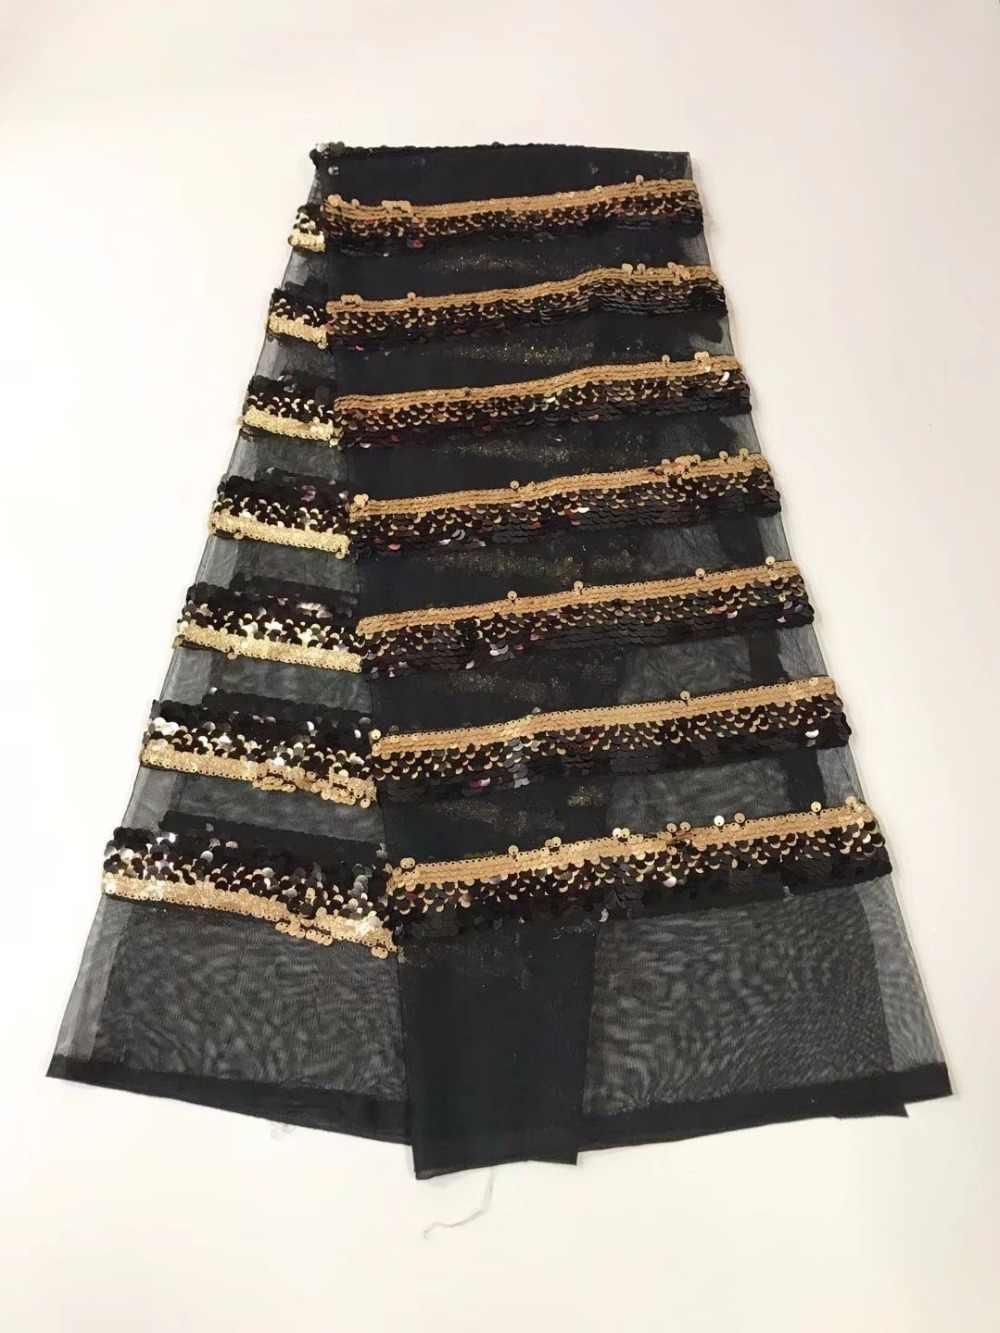 แอฟริกันS Parklyไวน์ปักเมอร์เมดเลื่อมผ้าสำหรับเสื้อผ้าตกแต่งงานแต่งงานdiyหัตถกรรมจักรเย็บผ้าMINGYU.C-YY98456